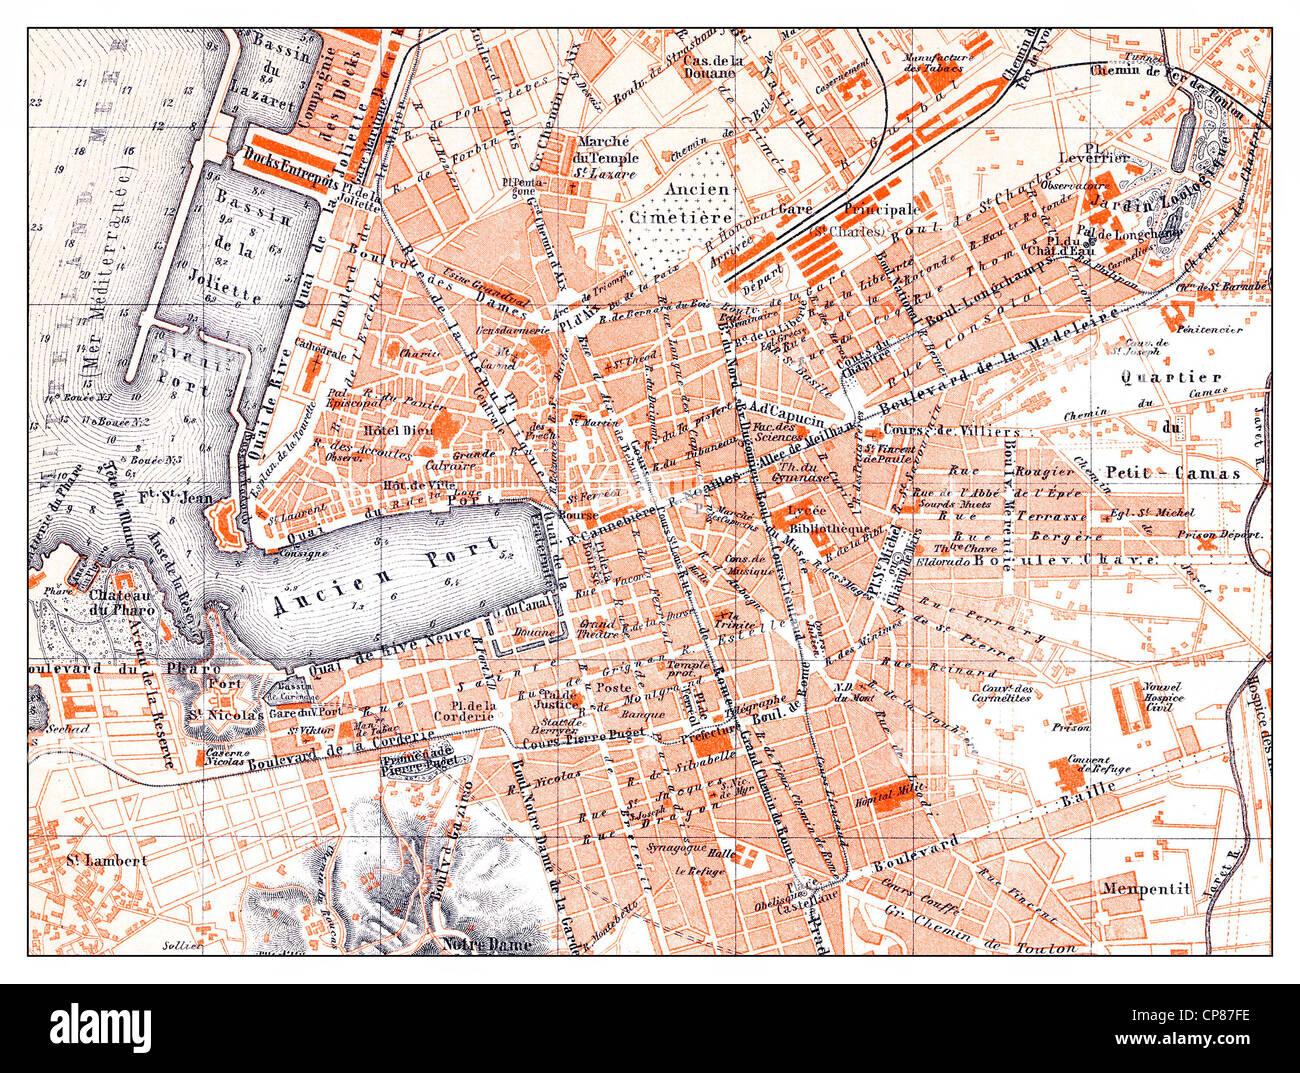 Historische Karte des angegriffenes, Frankreich, Historische, Zeichnerische Darstellung, attraktivem von angegriffenes, Stockbild